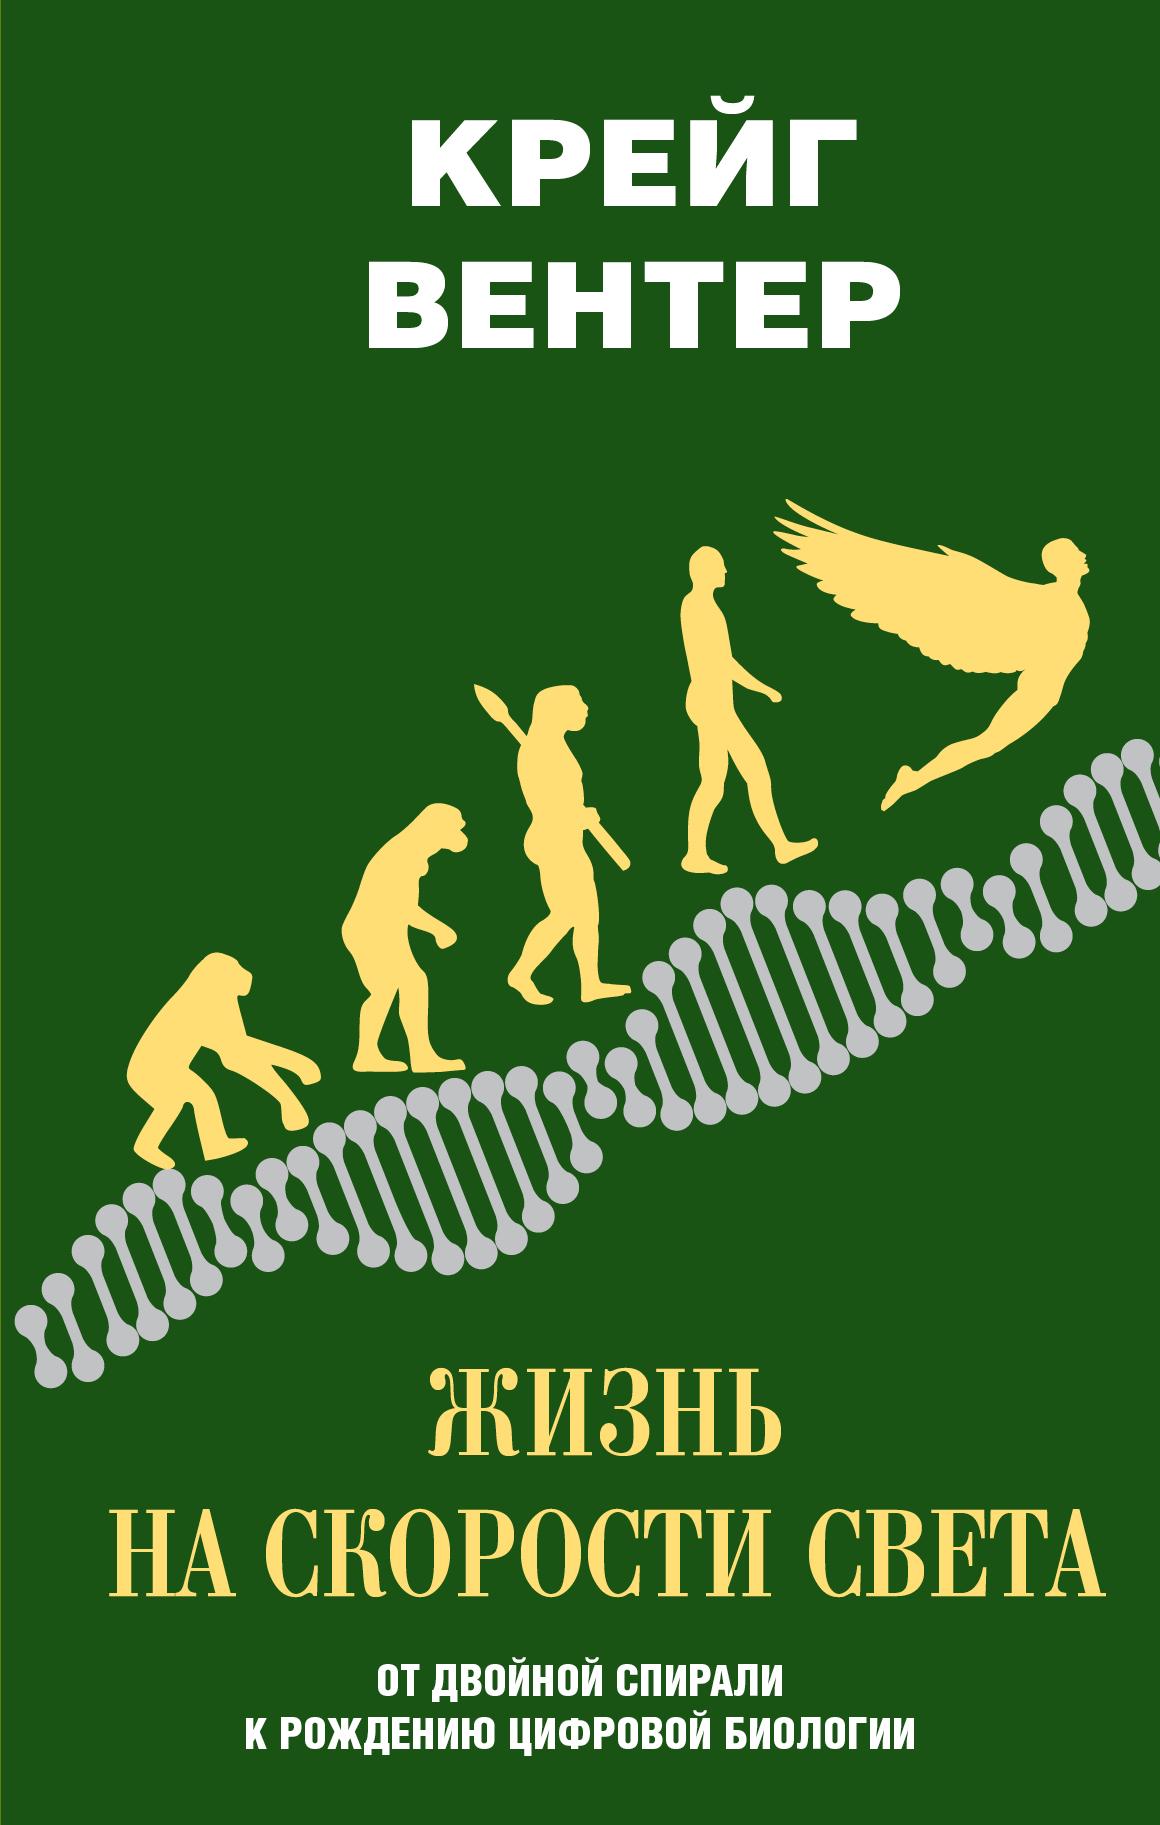 Вентер Крейг Жизнь на скорости света. От двойной спирали к рождению цифровой биологии